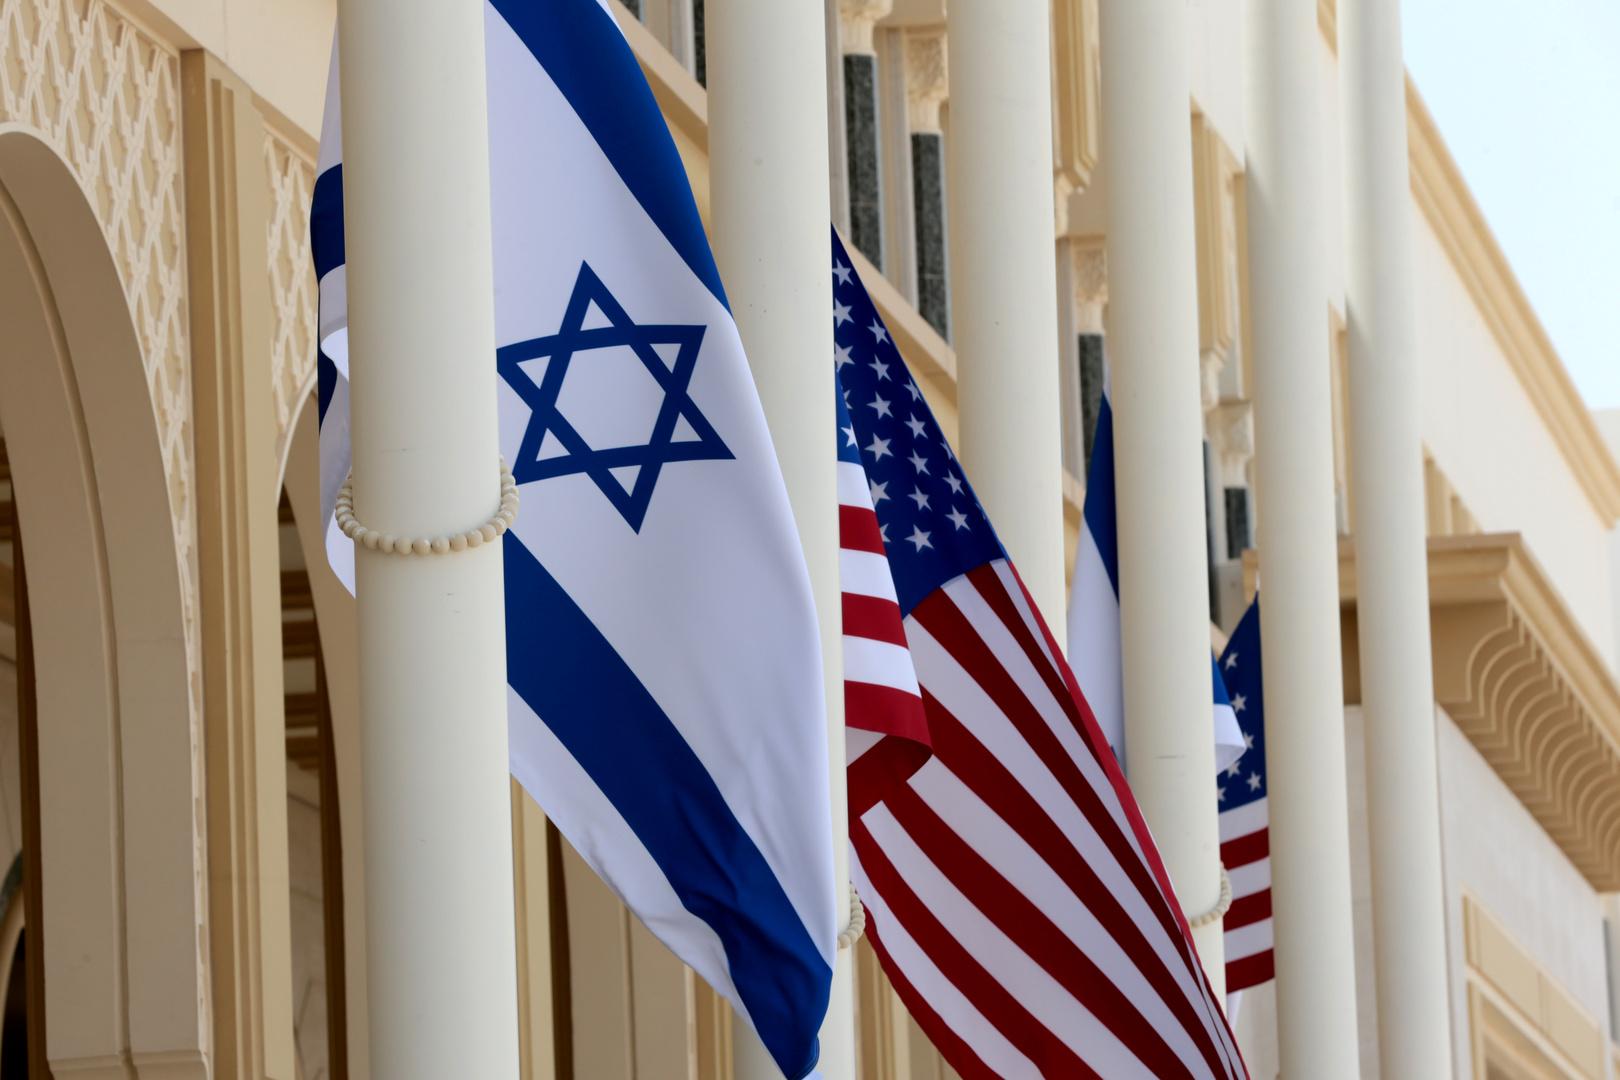 العلم الأمريكي والعلم الإسرائيلي